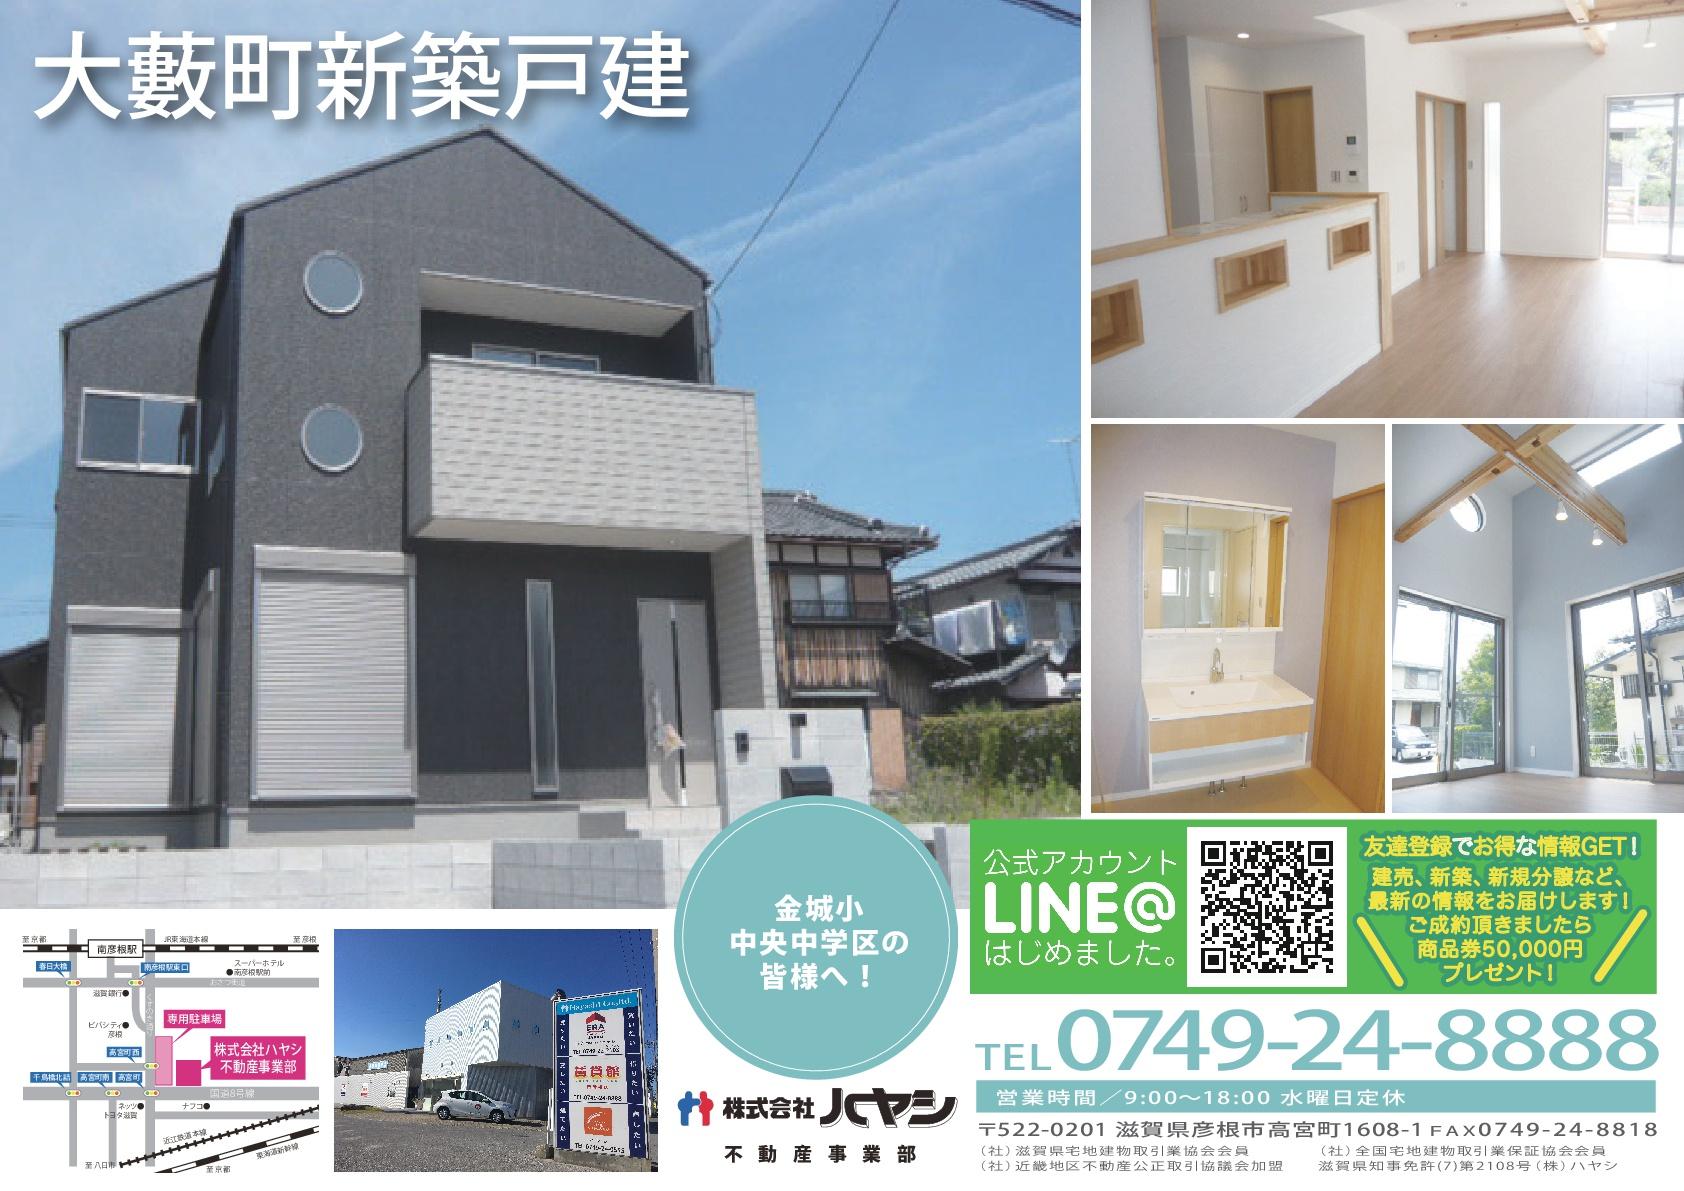 20170704宅地分譲(大藪町 表)